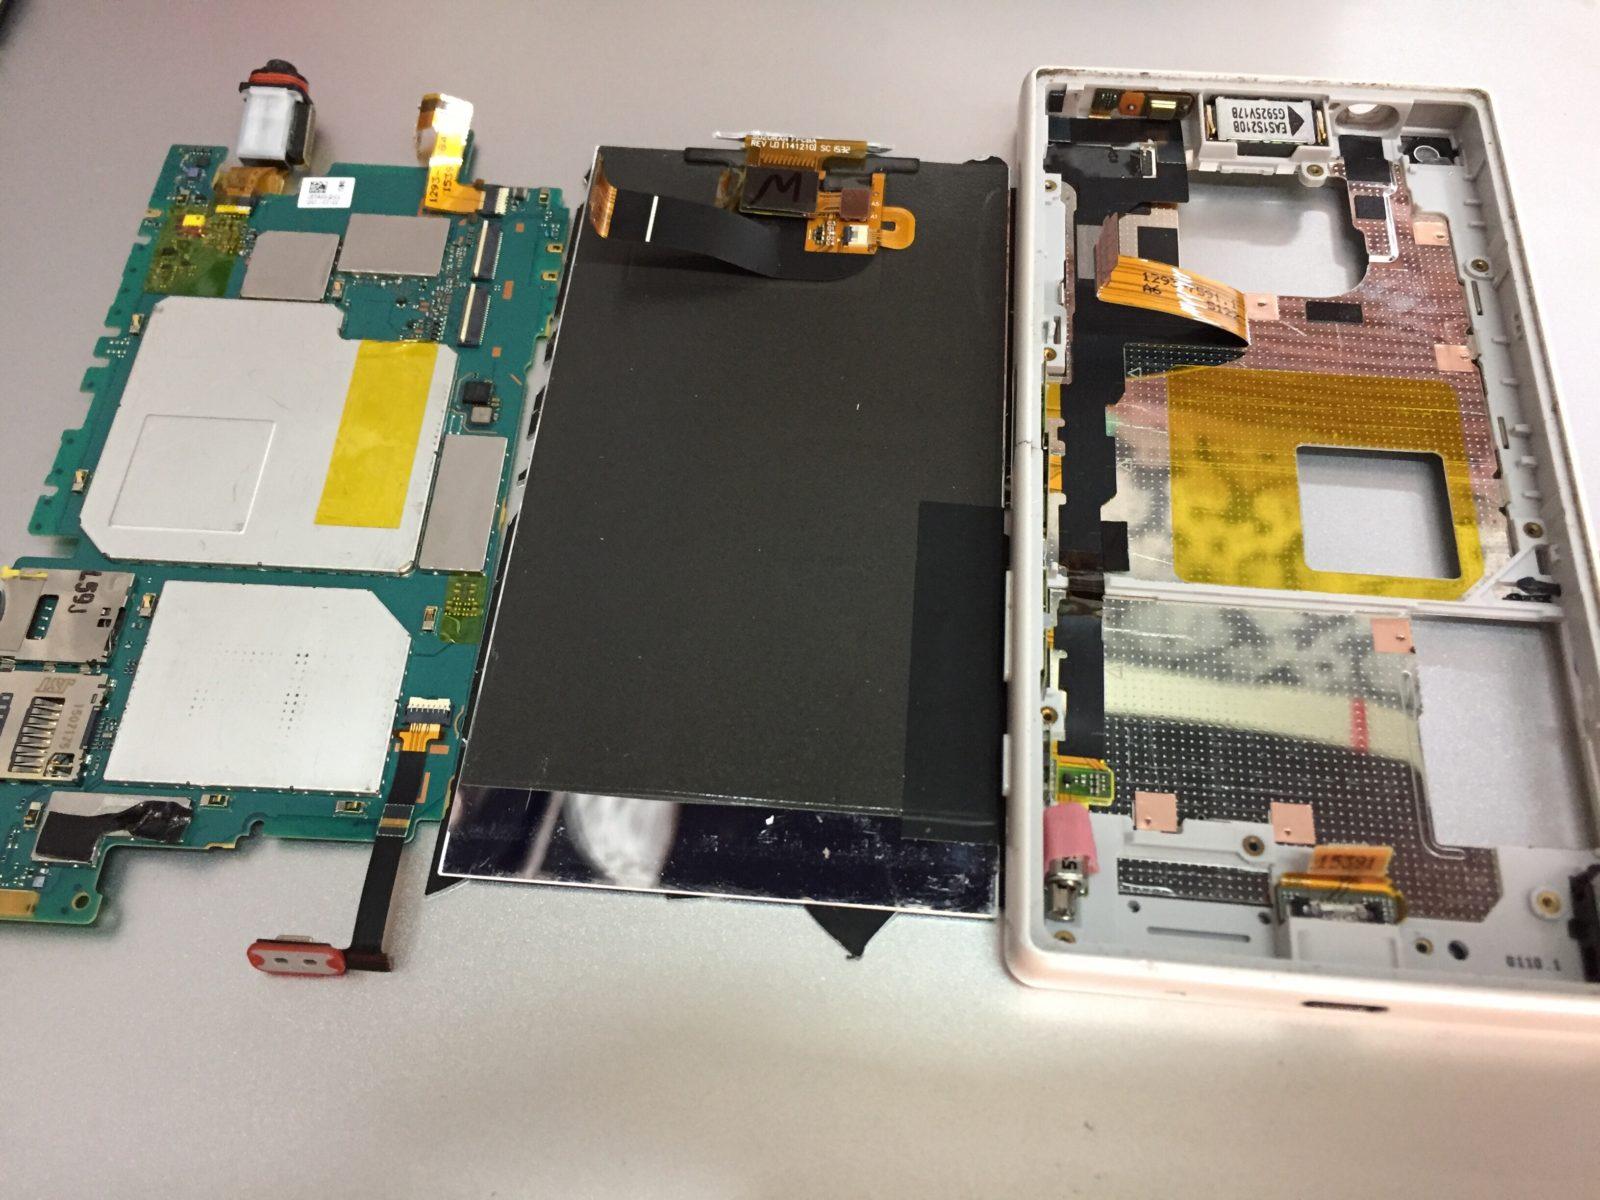 У Xperia z5 compact разбилось стекло. Замена экрана